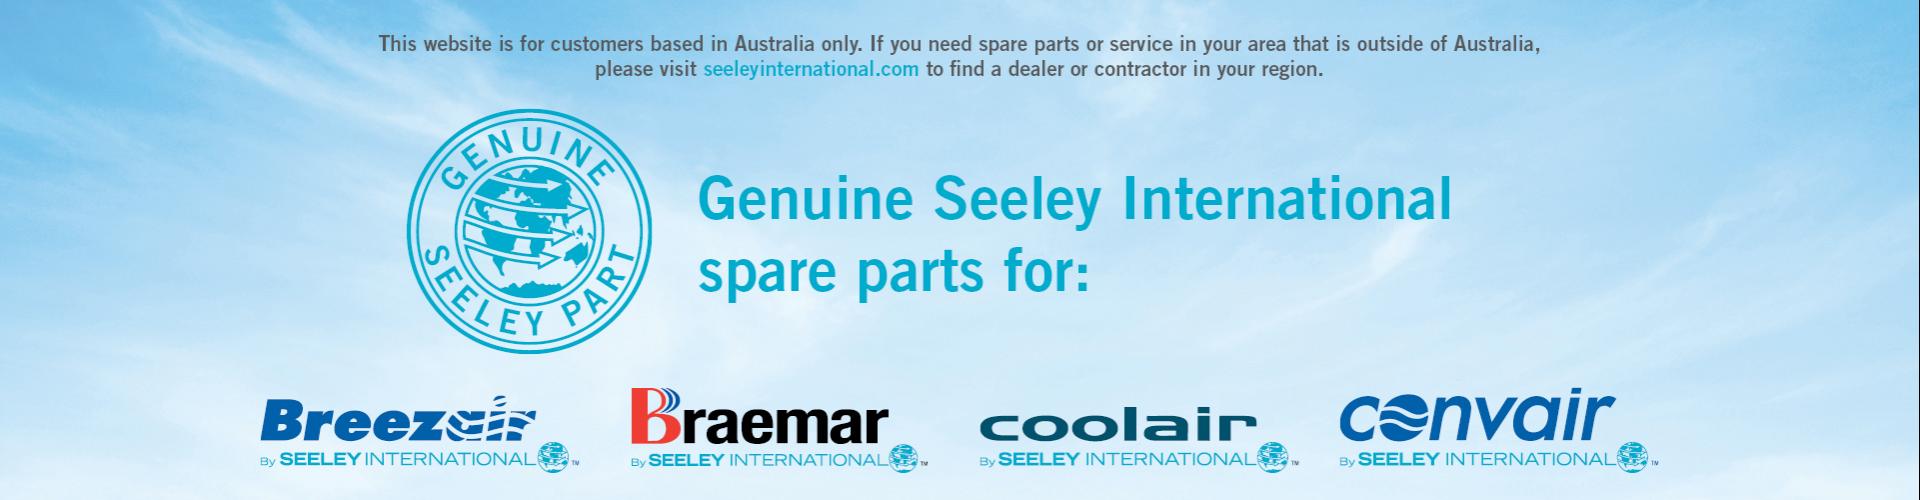 Seeley International Home Gma C Compressor Wiring Diagram Previous Next